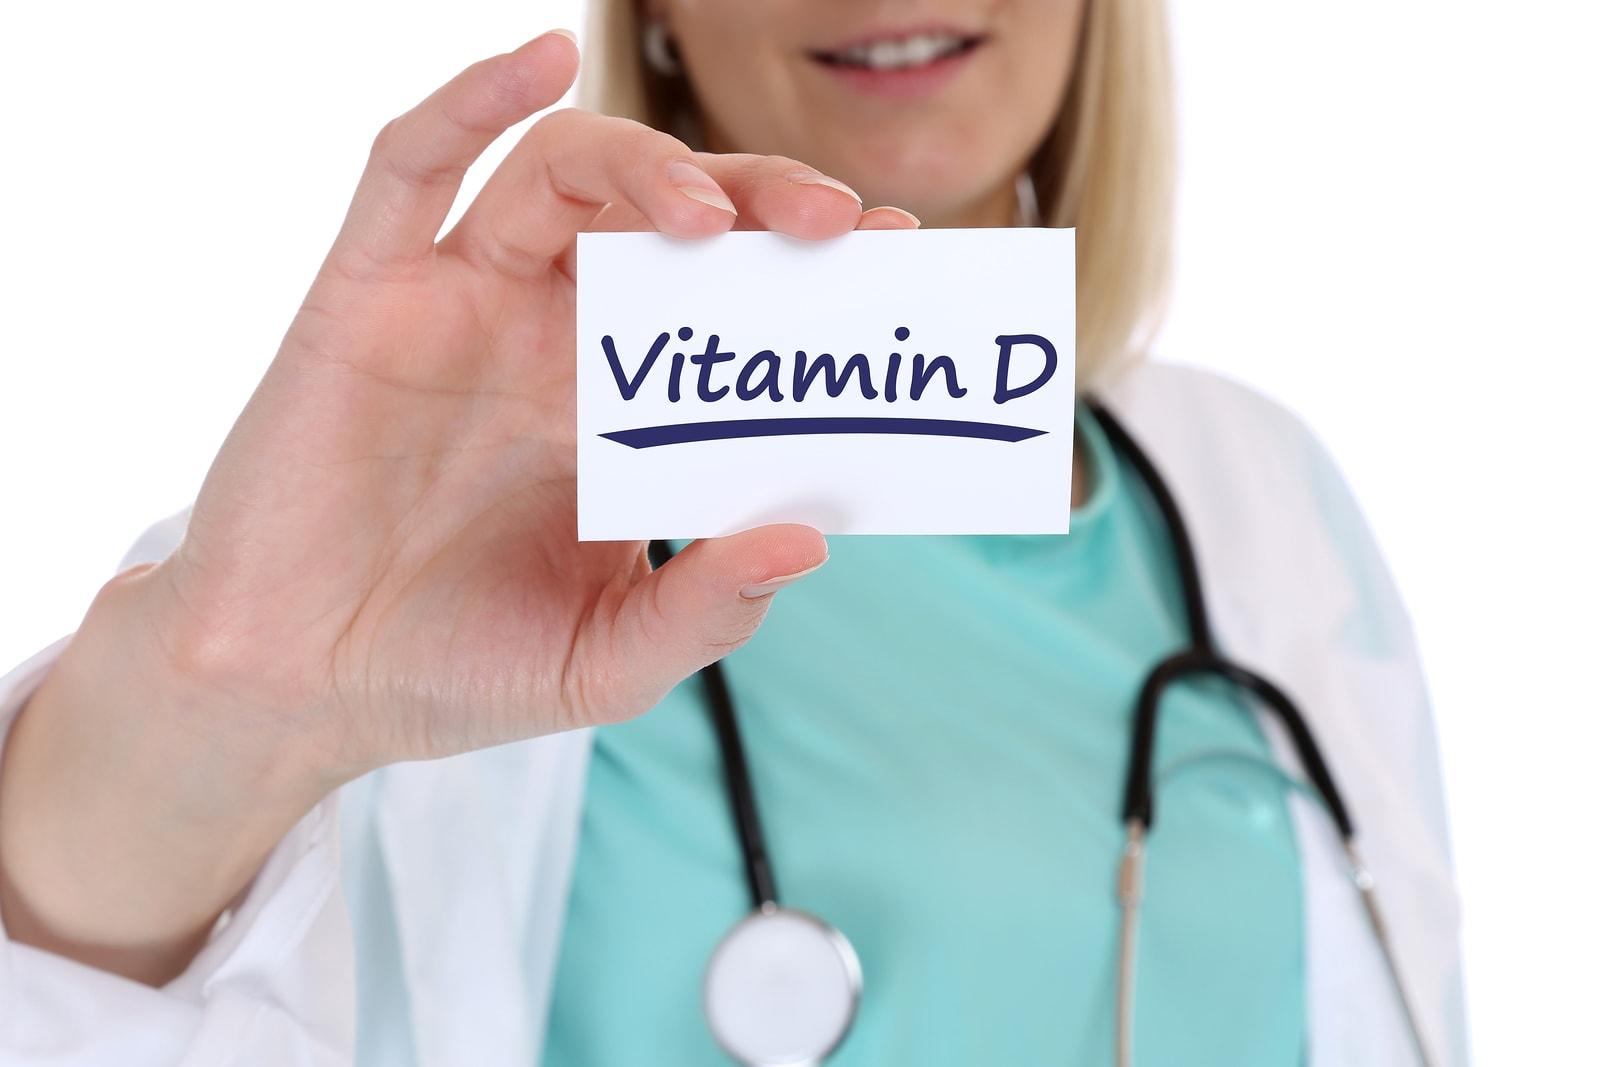 مصرف این ویتامین را در پاندمی کووید۱۹ جدی تر بگیریم!